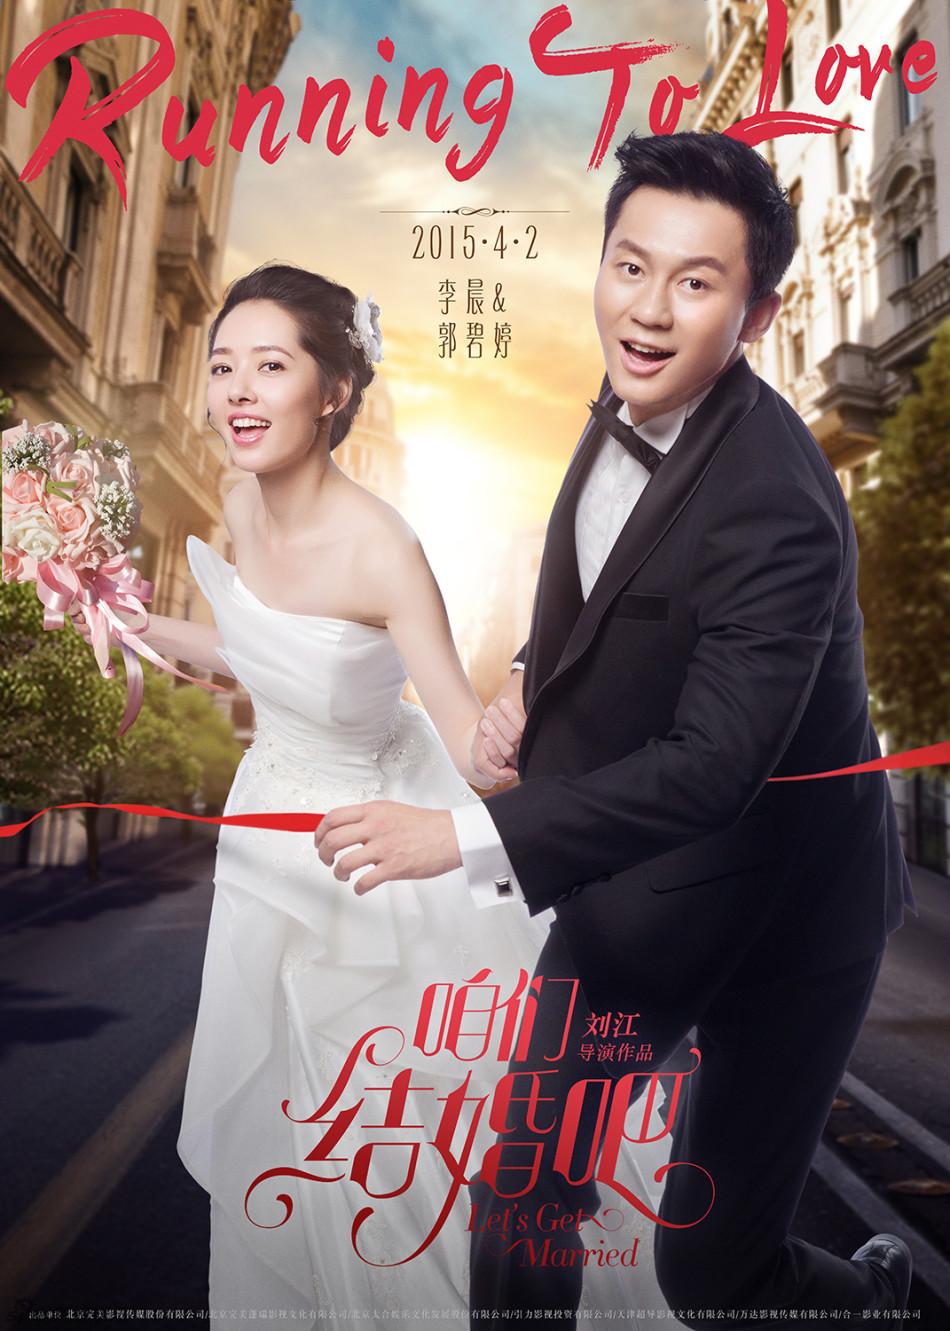 组图 咱们结婚吧 李晨与郭碧婷上演跨国恋